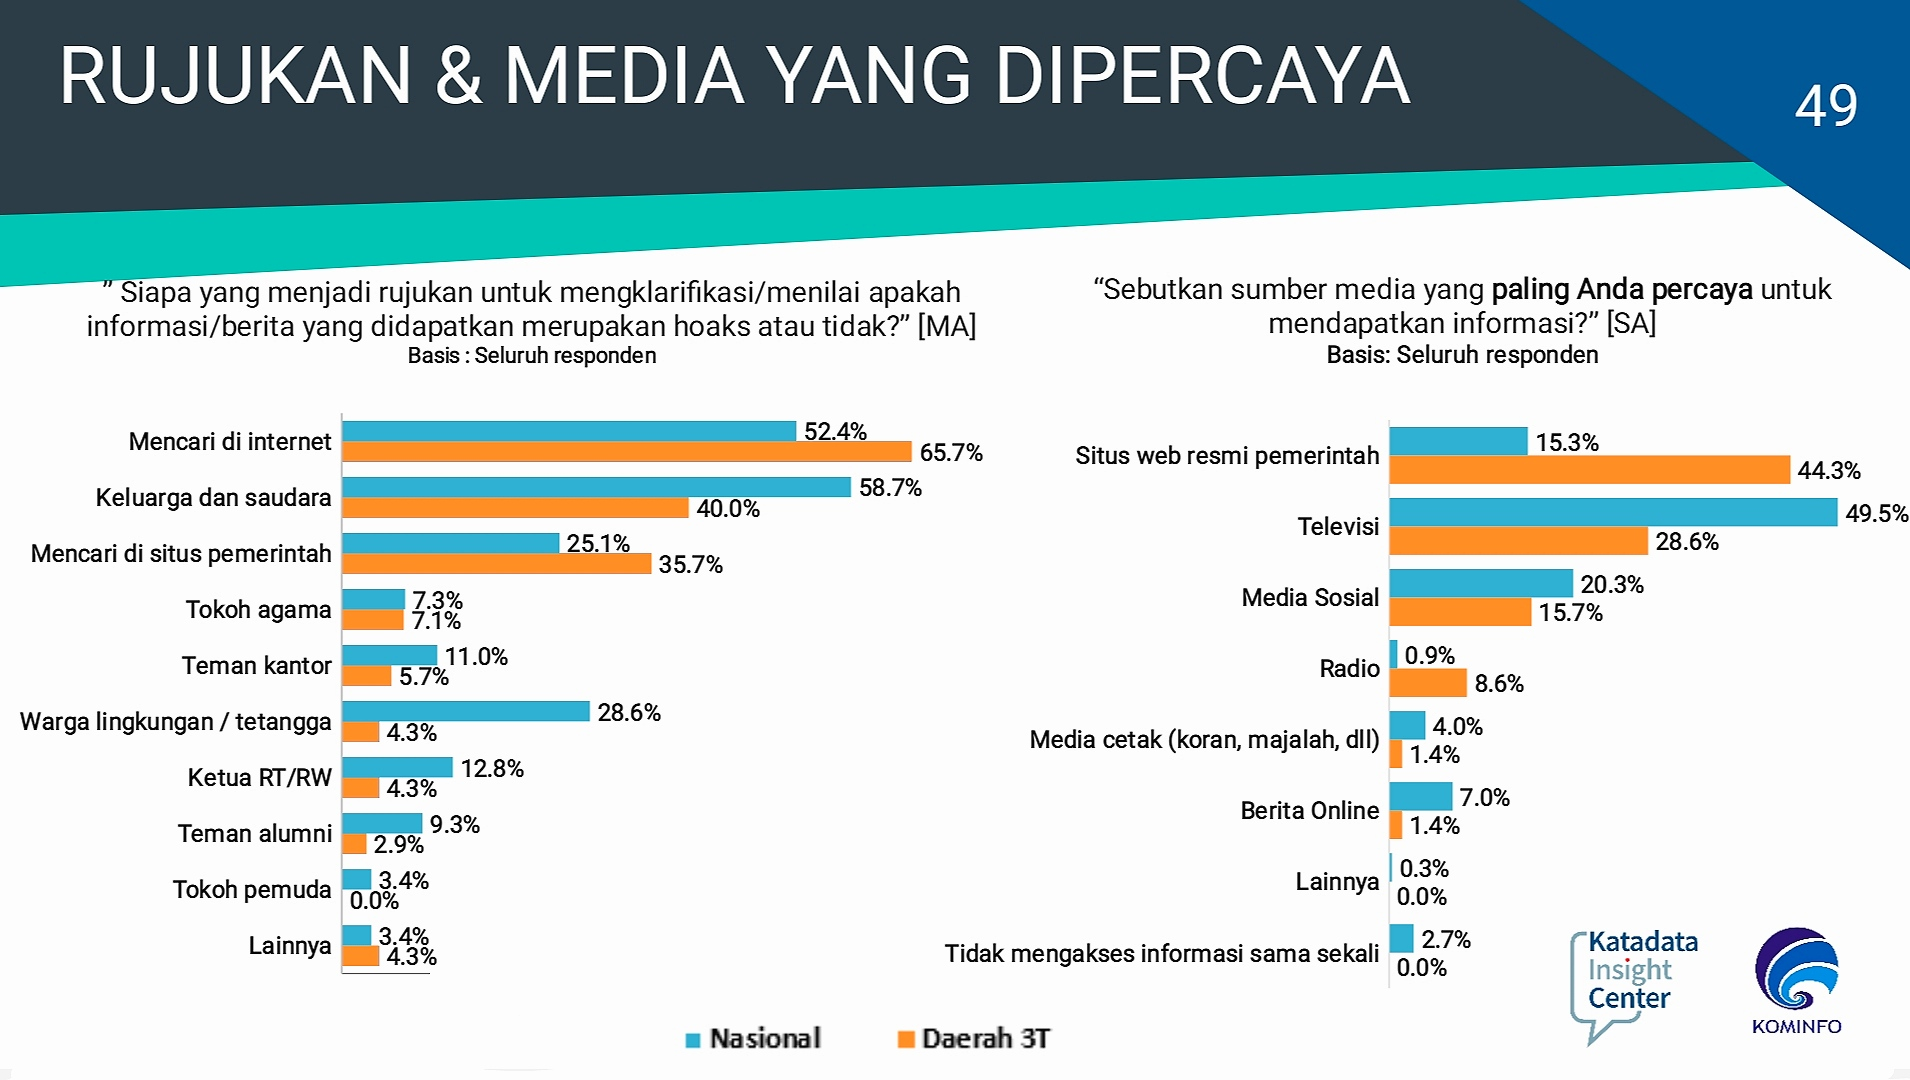 Perbedaaan rujukan dan media yang dipercaya oleh masyarakat secara nasional dan yang berdomisili di daerah terdepan, terpencil dan tertinggal (3T)